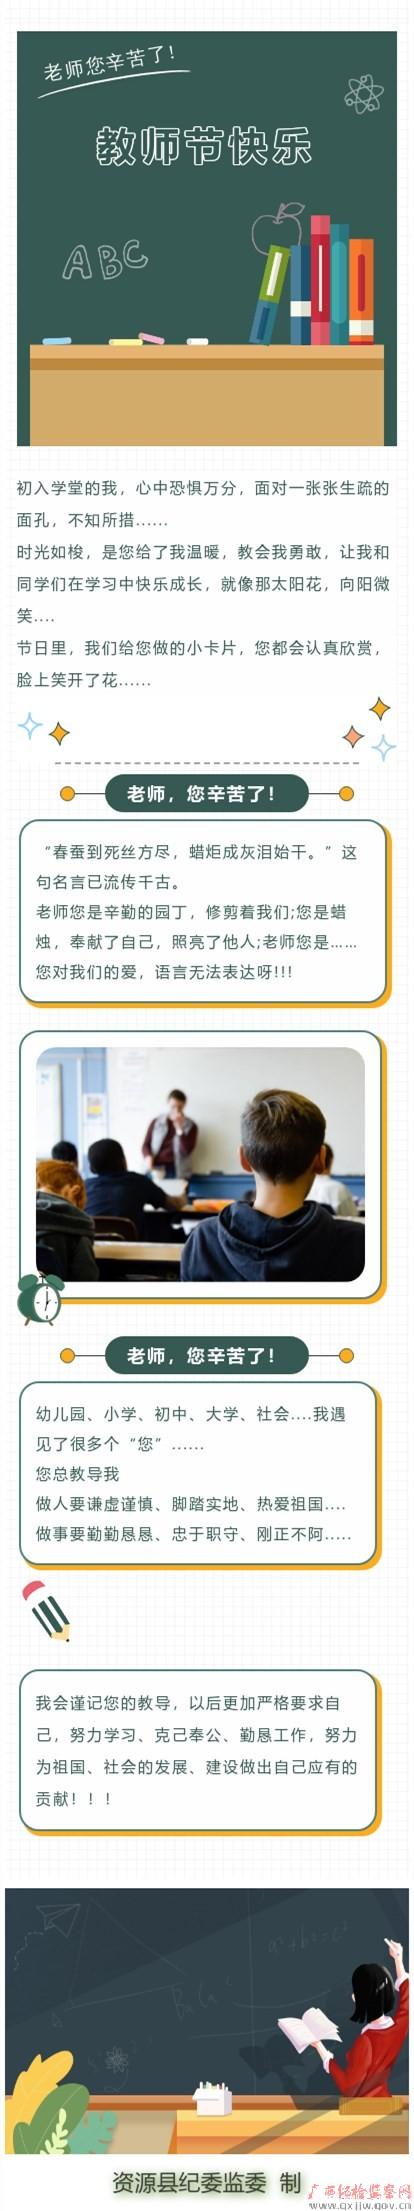 老师您辛苦了